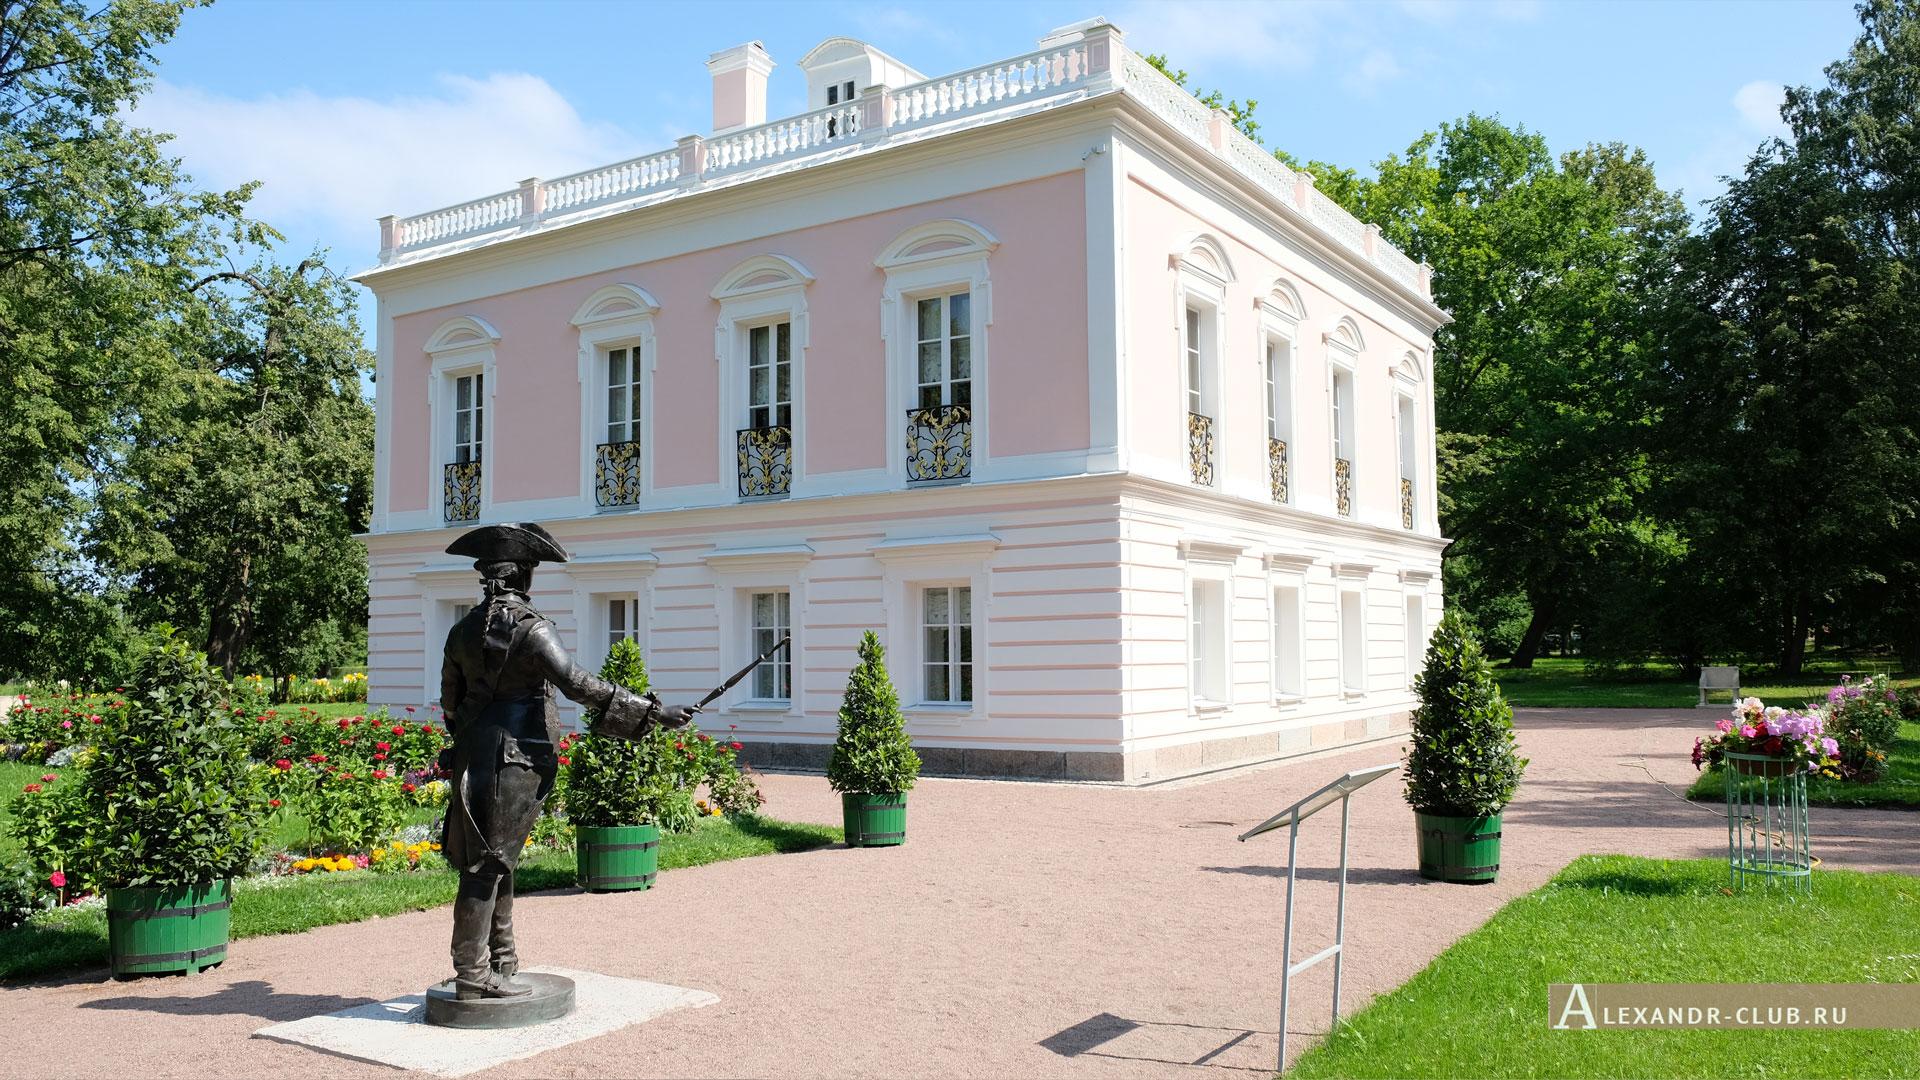 Ораниенбаум, лето, Дворец Петра III